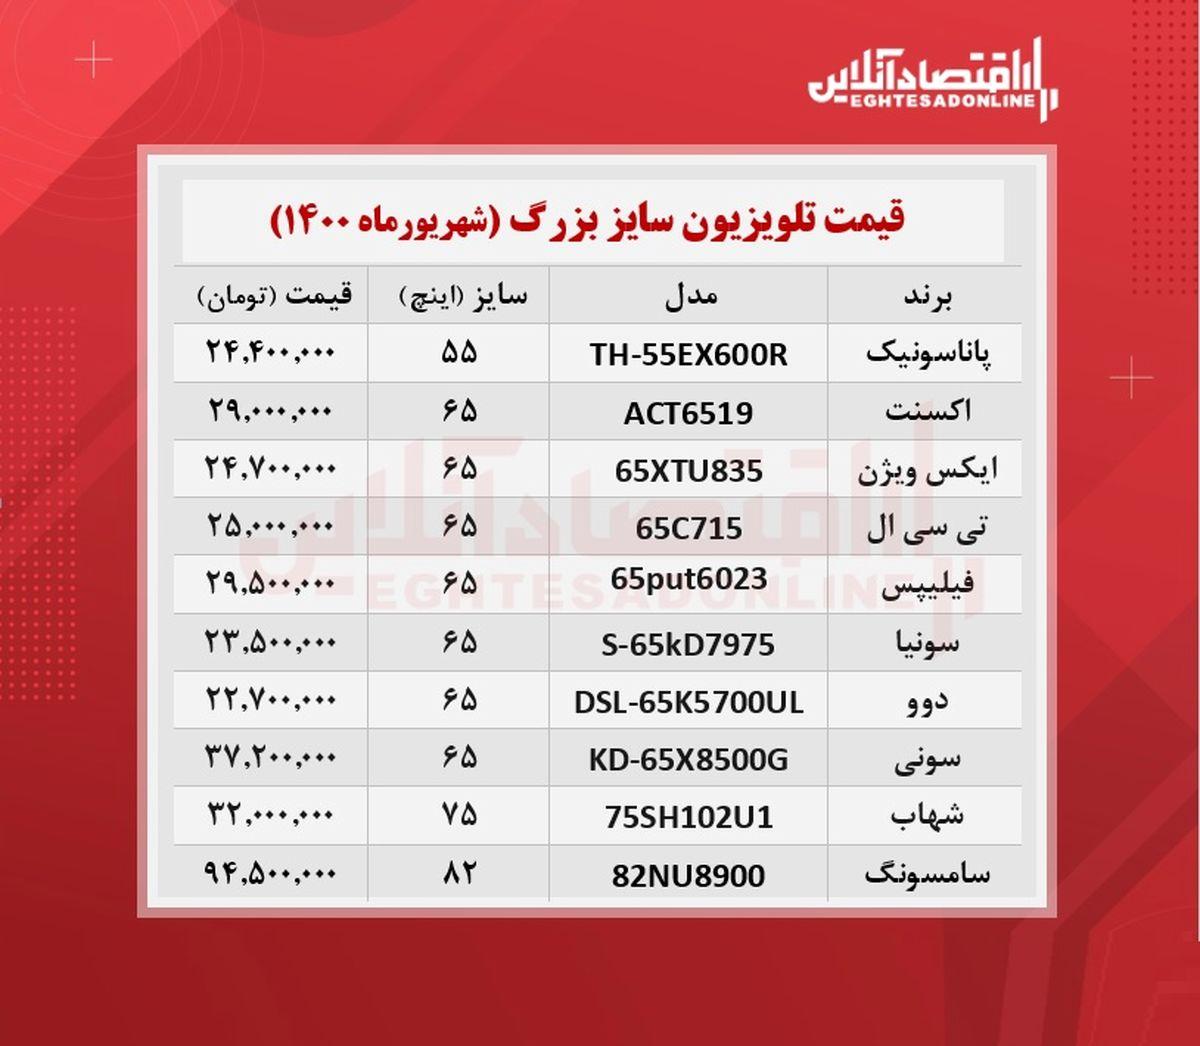 قیمت تلویزیون سایز بزرگ /۳شهریورماه